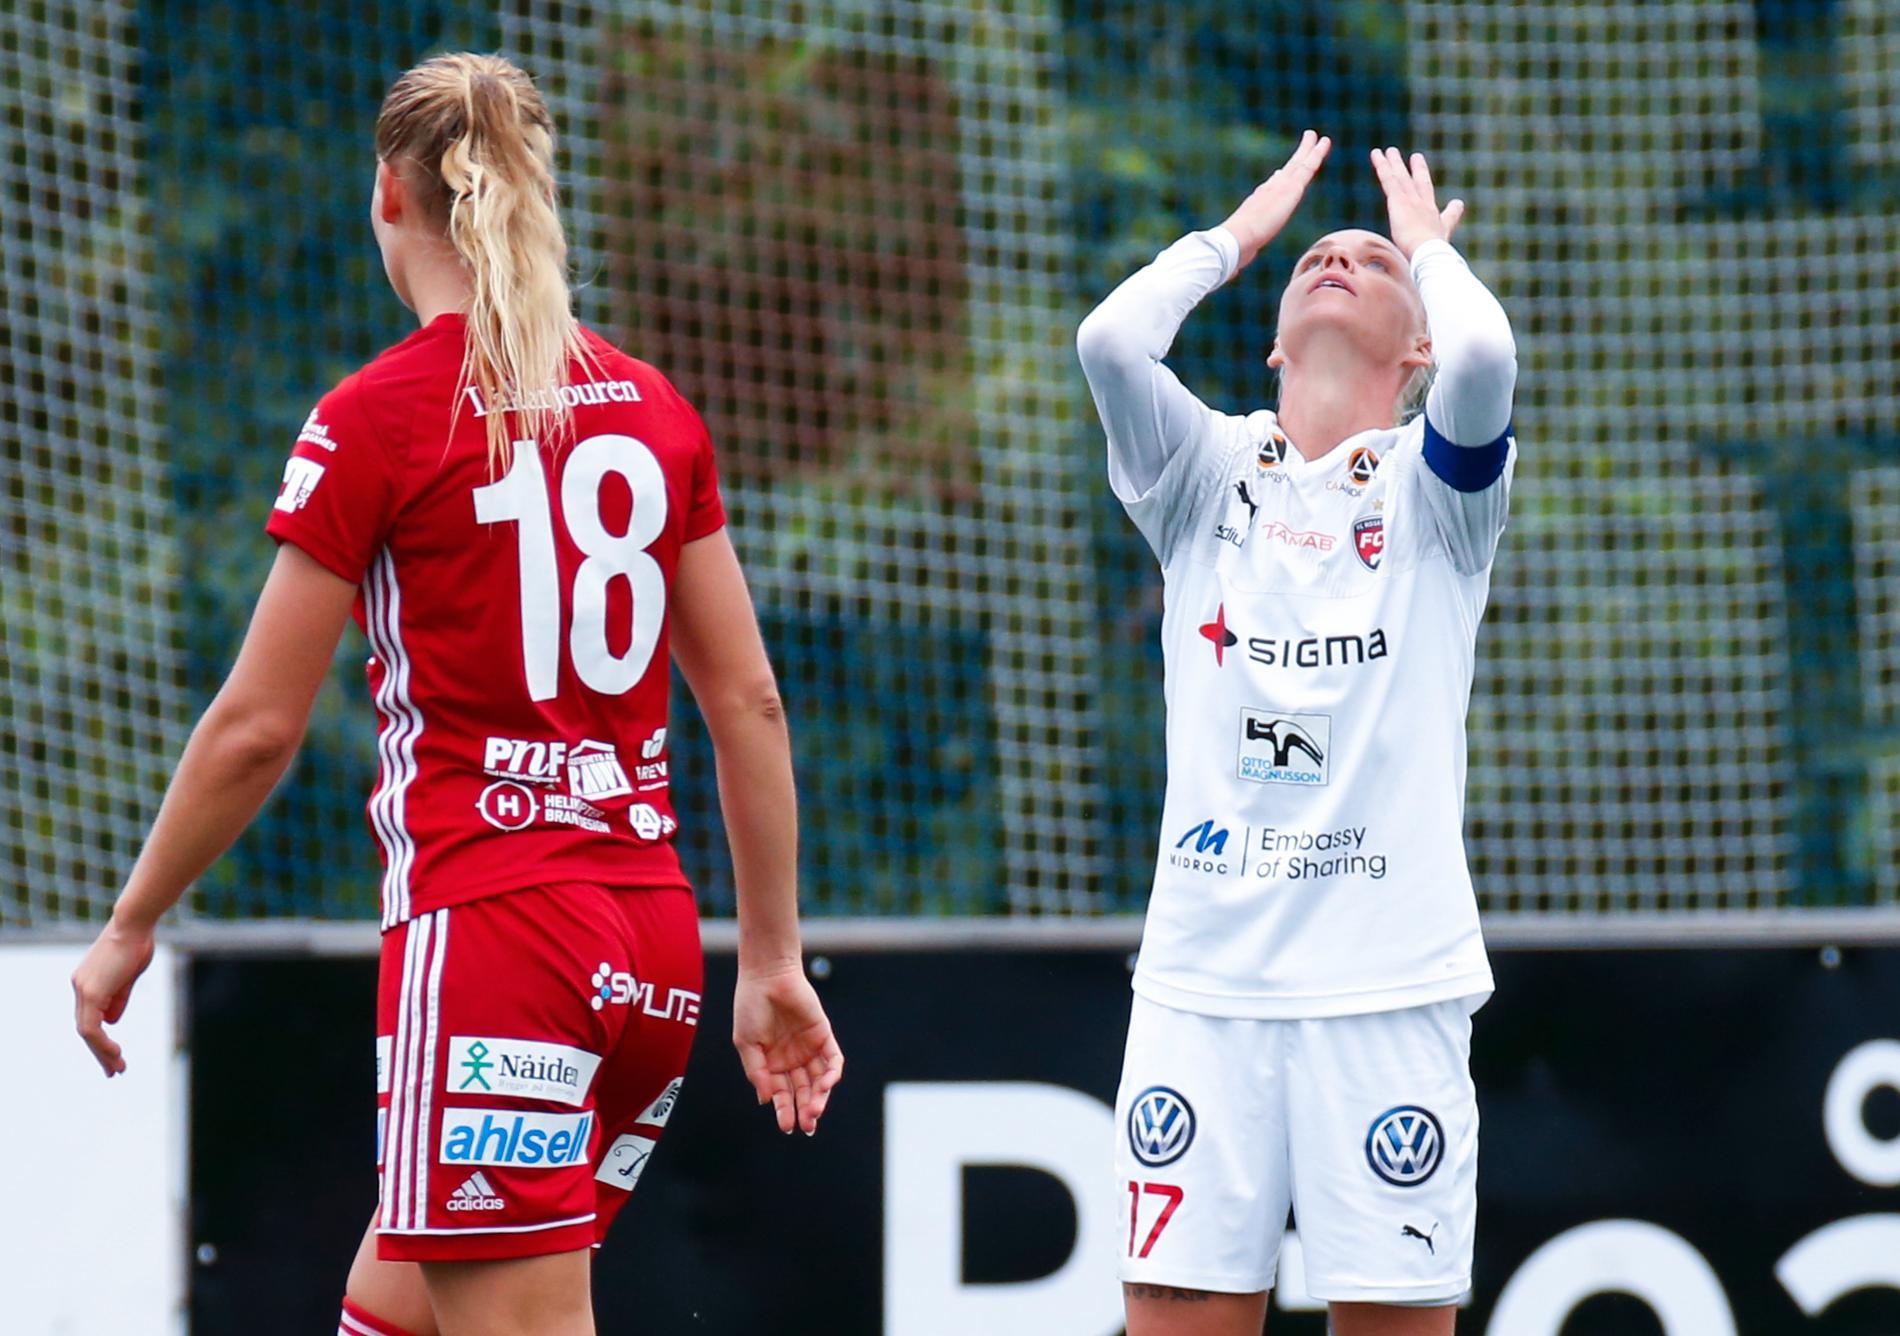 Rosengård är på väg att korttidspermittera sina spelare, exempelvis landslagsstjärnan Caroline Seger. Arkivbild.